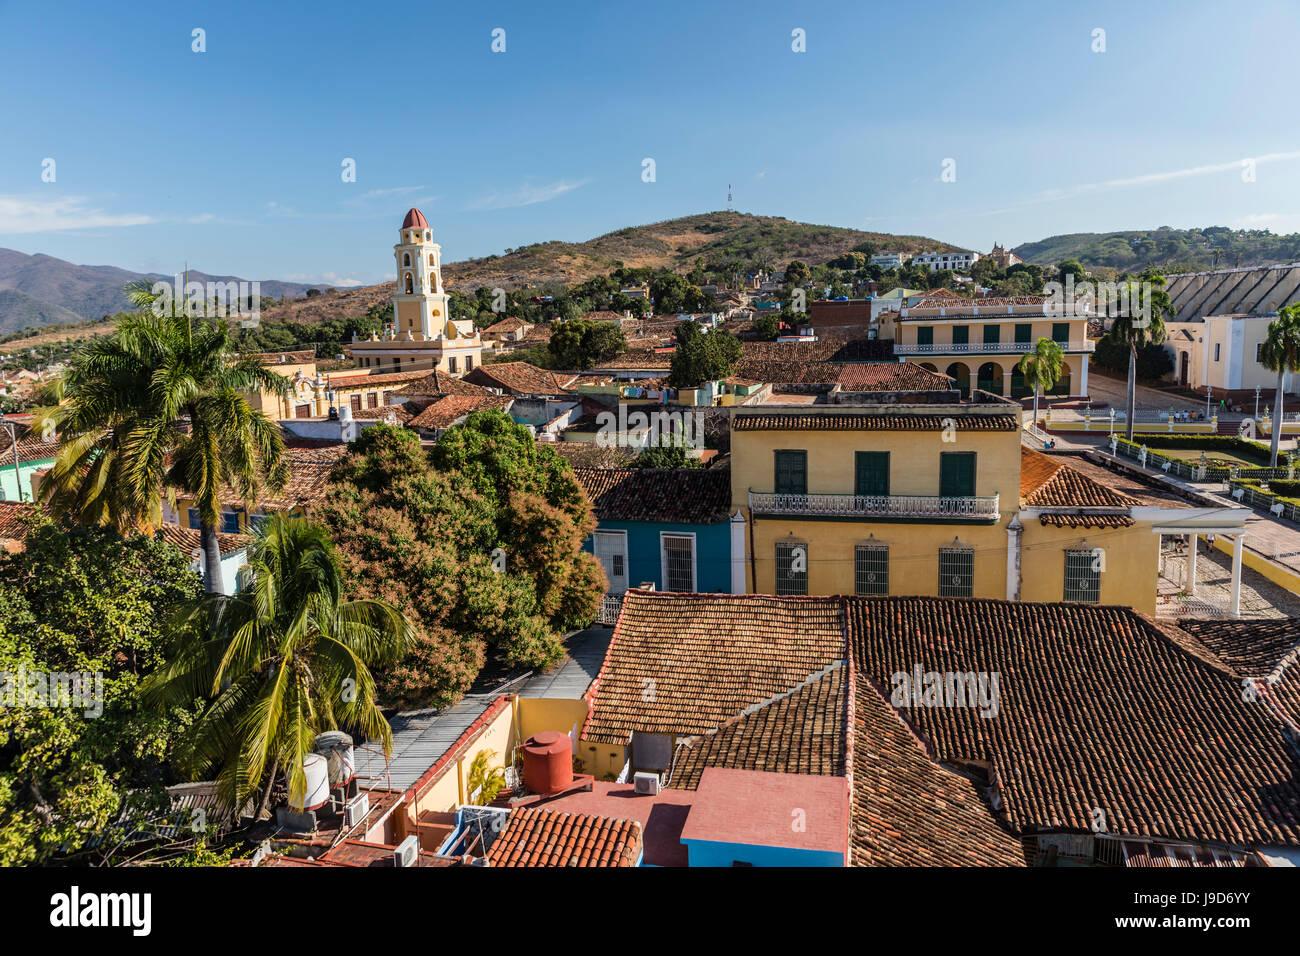 Le Convento de San Francisco et Plaza Mayor, Trinidad, Site du patrimoine mondial de l'UNESCO, Cuba, Antilles, Caraïbes Banque D'Images